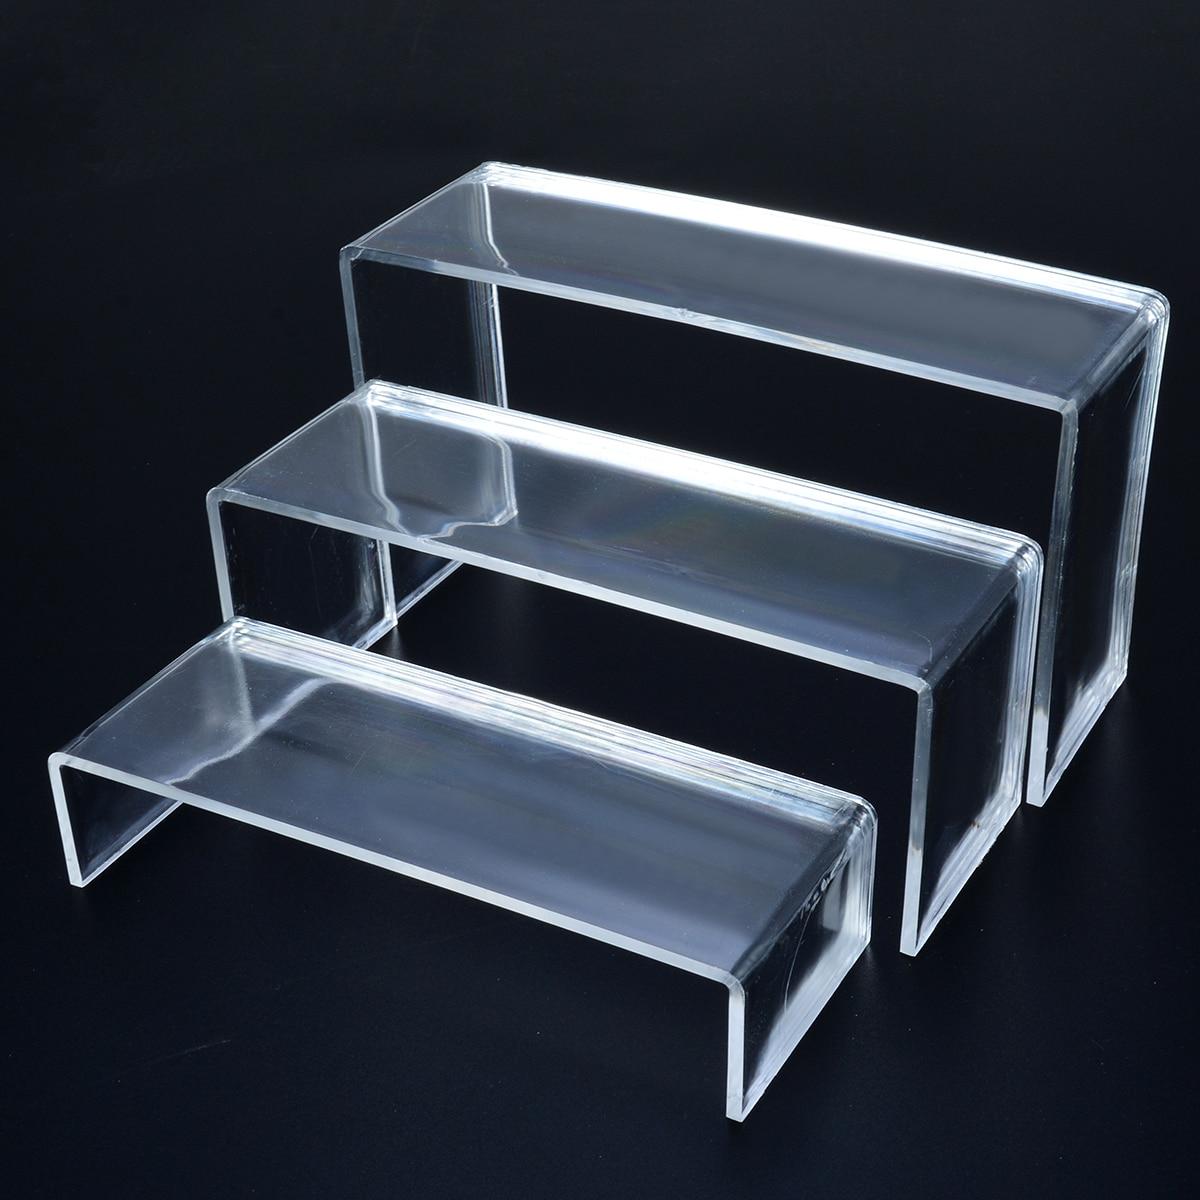 Présentoir acrylique Transparent de 3 pièces   Support multifonctionnel de rangement de chaussures, présentoirs de chaussures, support dexposition de cosmétiques